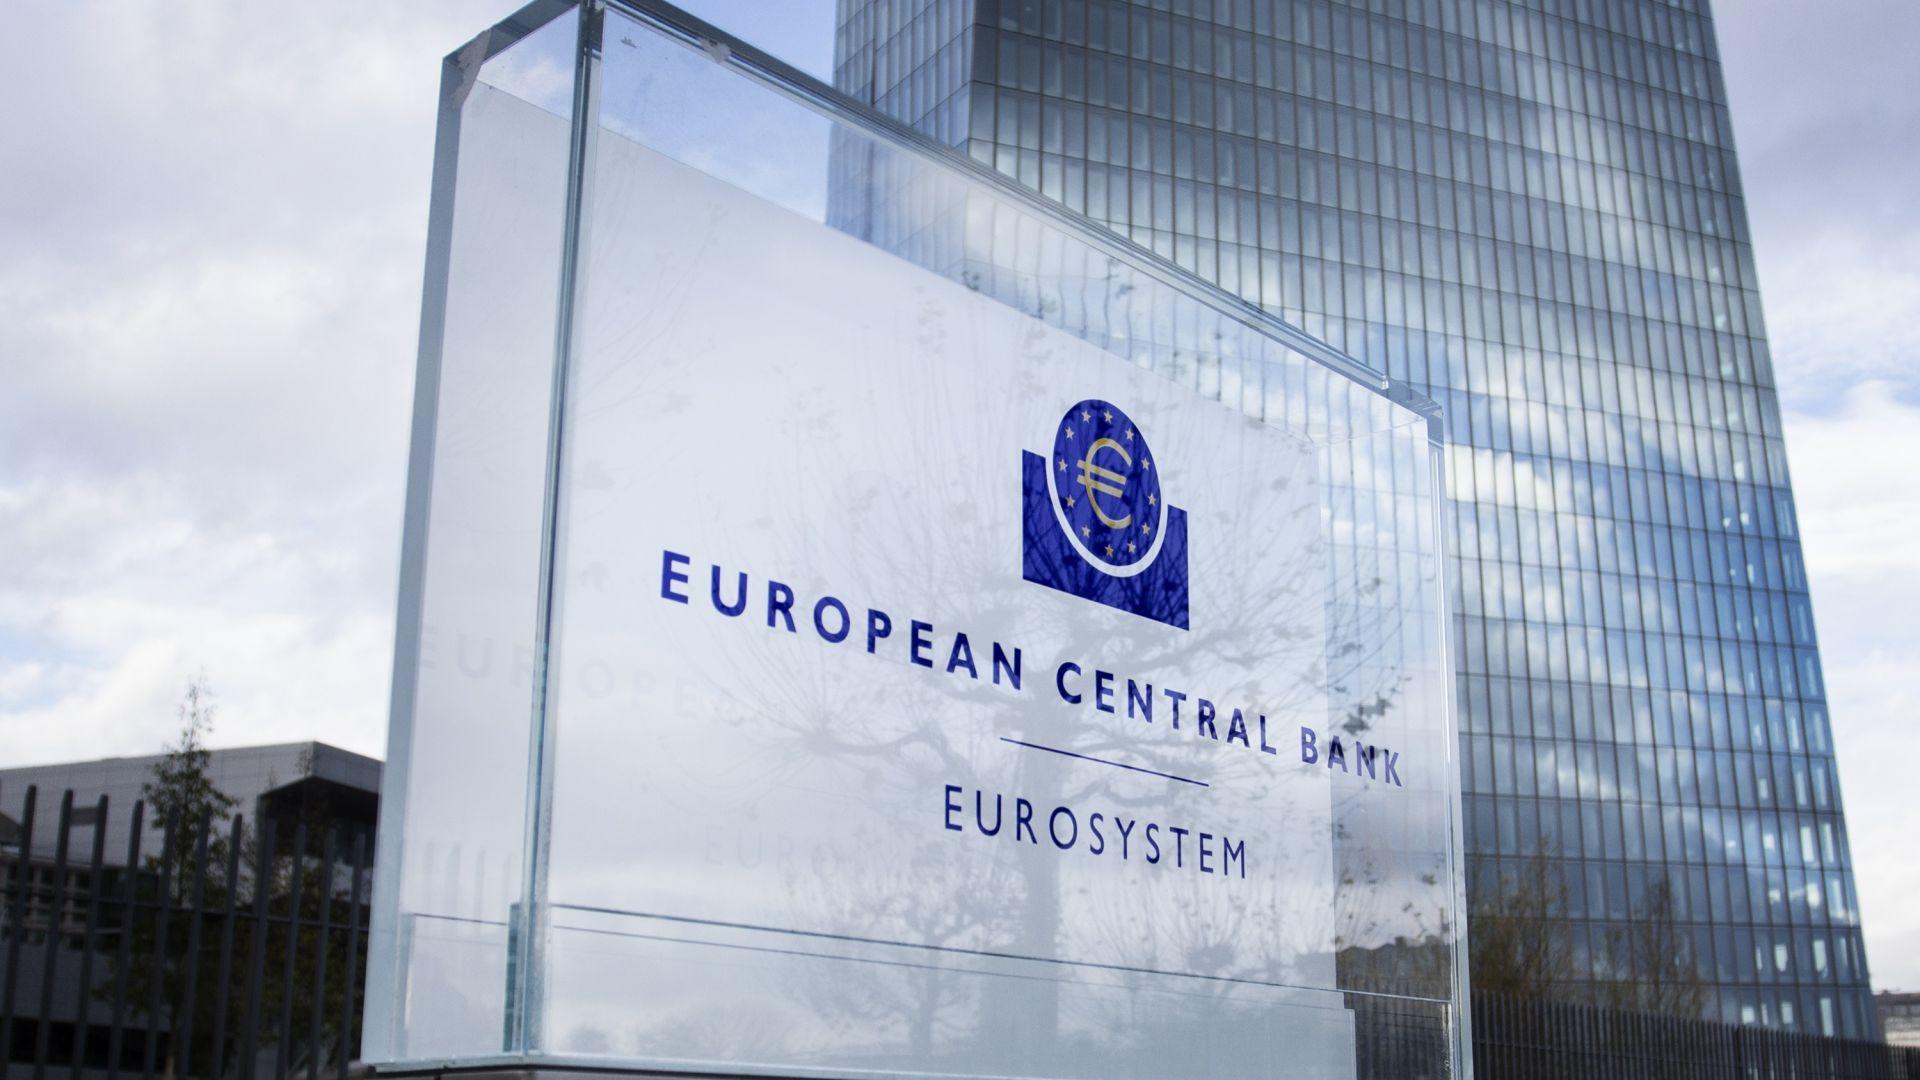 ЕЦБ отхвърля възможността за анулиране на държавен дълг